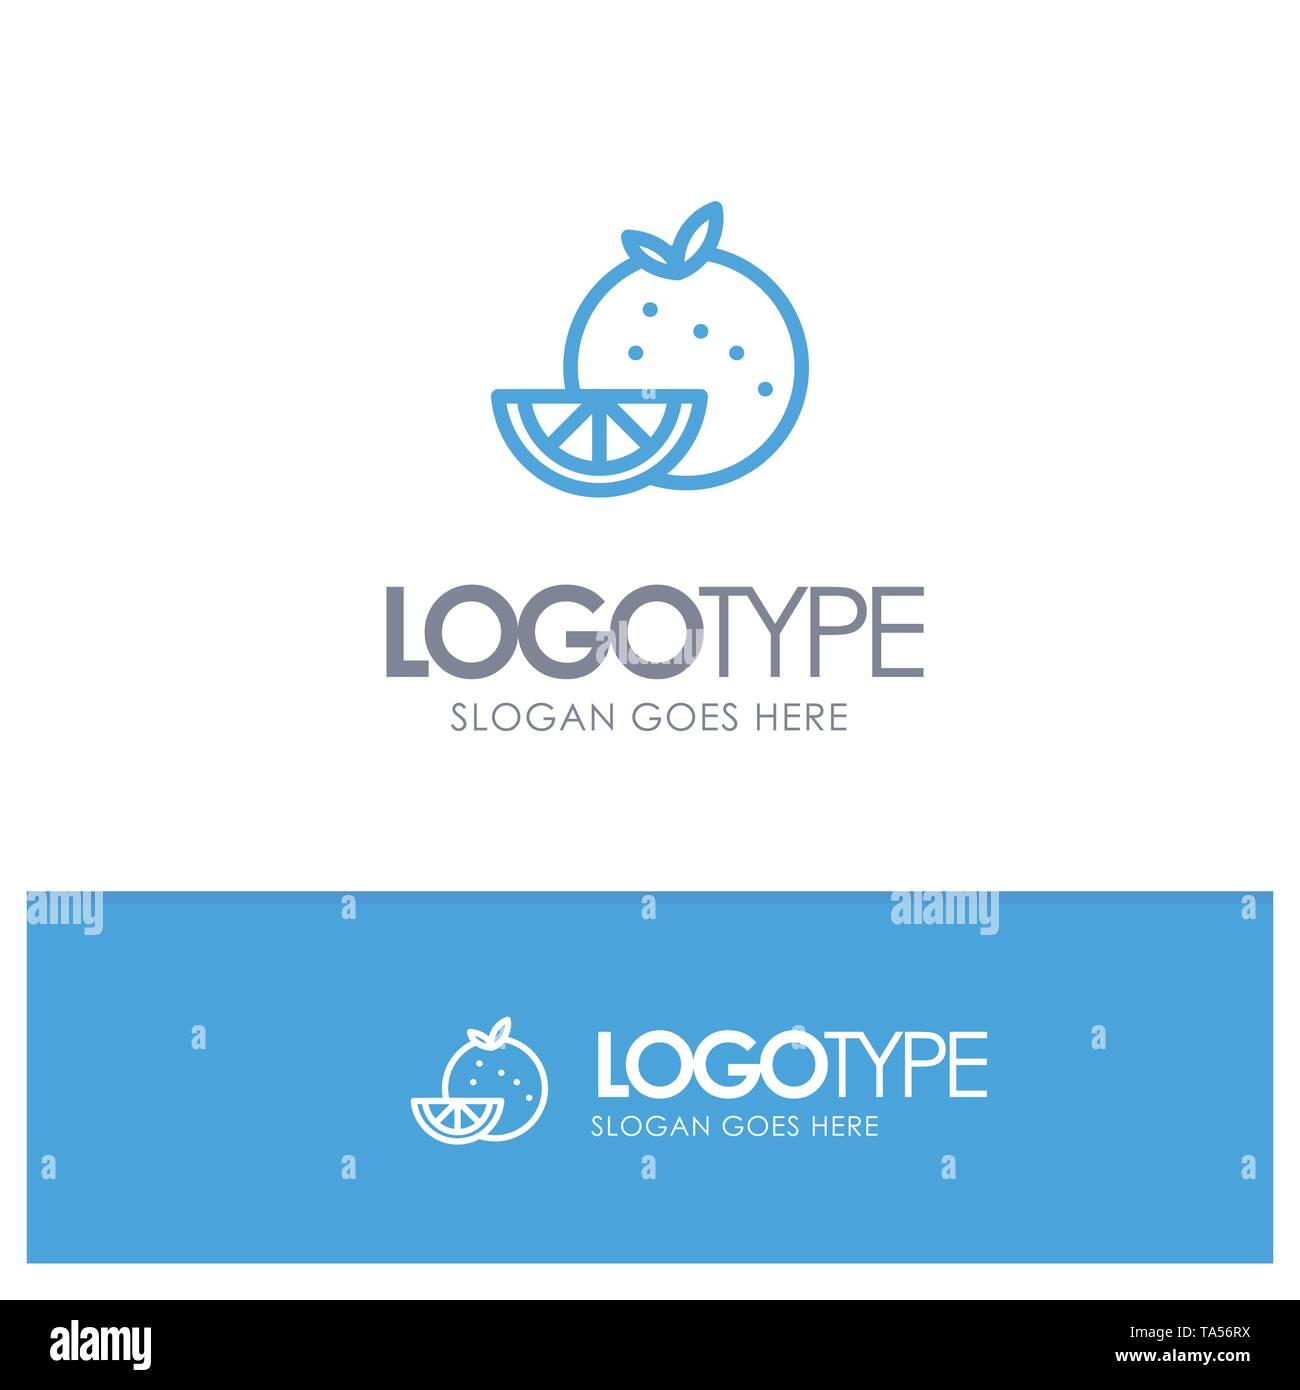 Orange, Food, Fruit, Madrigal Blue Outline Logo Place for Tagline - Stock Image